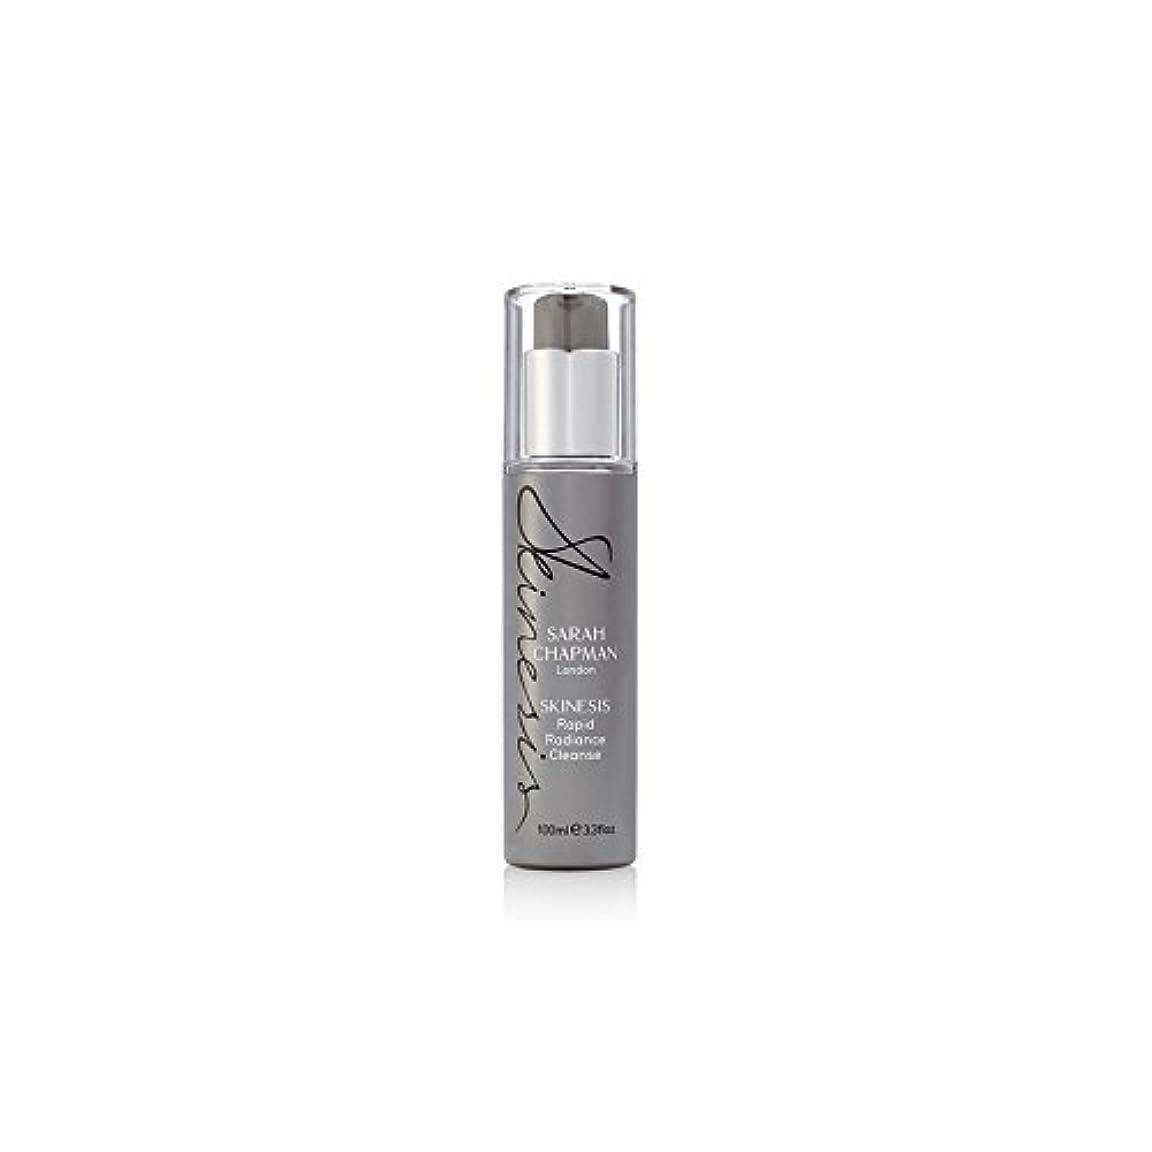 真空住人分岐するSarah Chapman Skinesis Rapid Radiance Cleanse (100ml) (Pack of 6) - サラ?チャップマン迅速な輝きの浄化(100ミリリットル) x6 [並行輸入品]